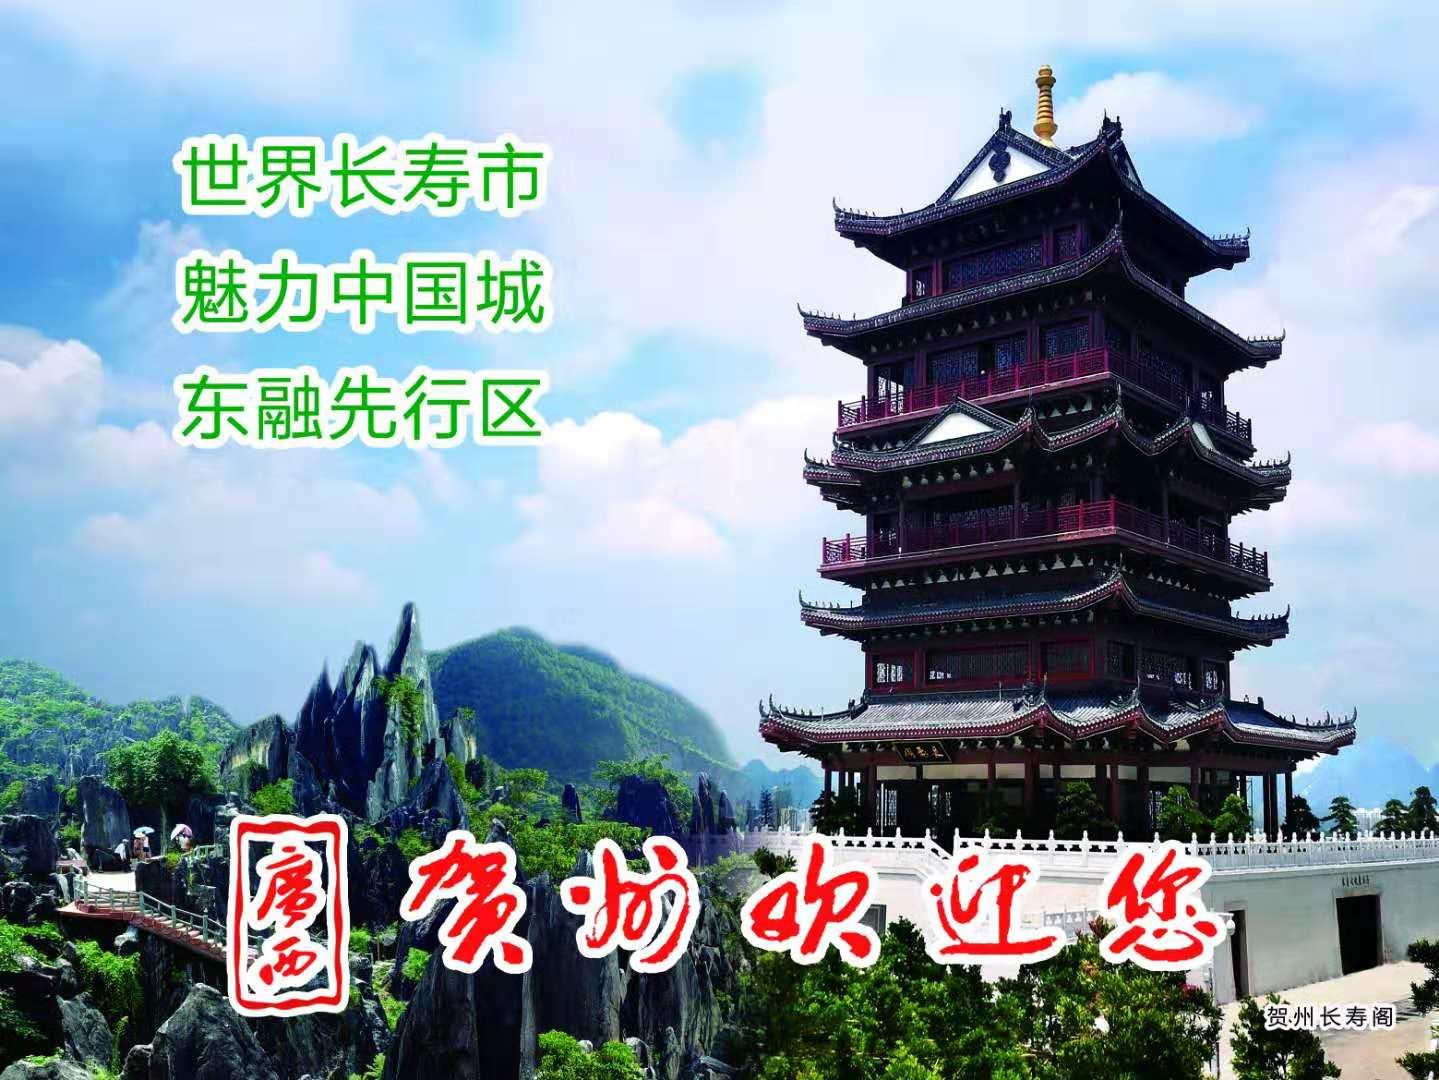 第四屆中國(賀州)新媒體群英會·廣西賀州長壽文化節